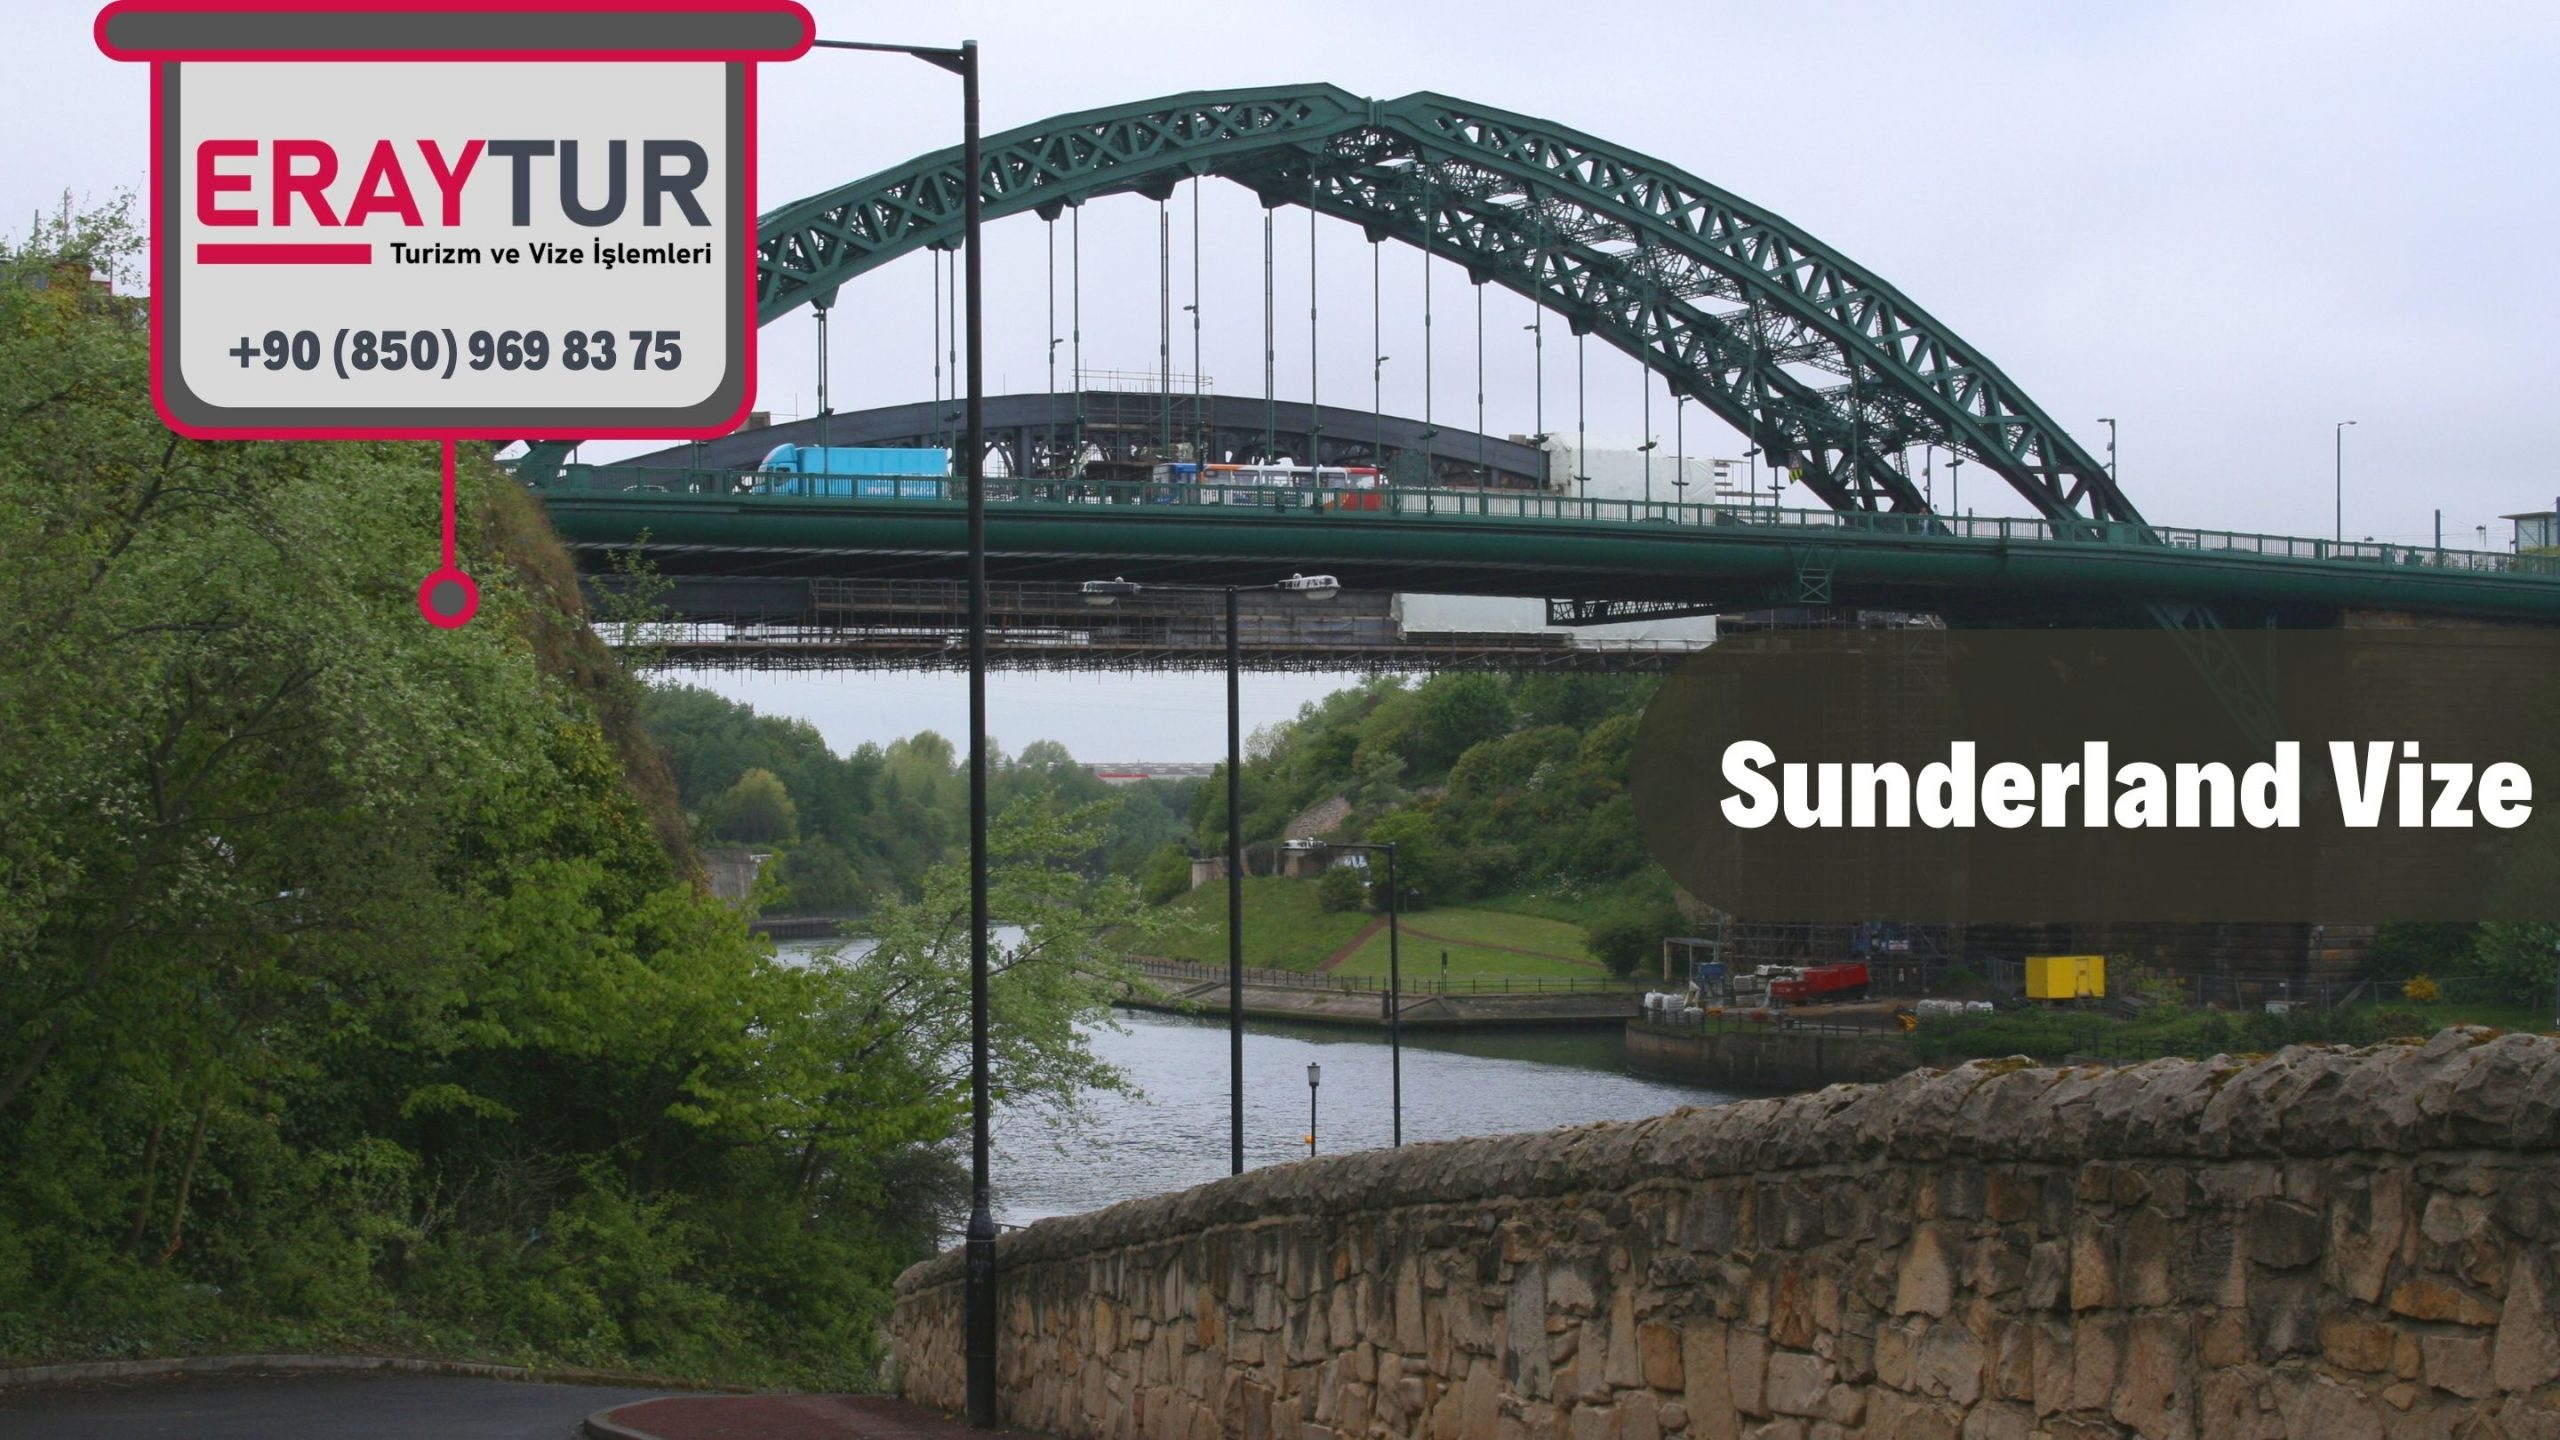 İngiltere Sunderland Vize Başvurusuİngiltere Sunderland Vize Başvurusu